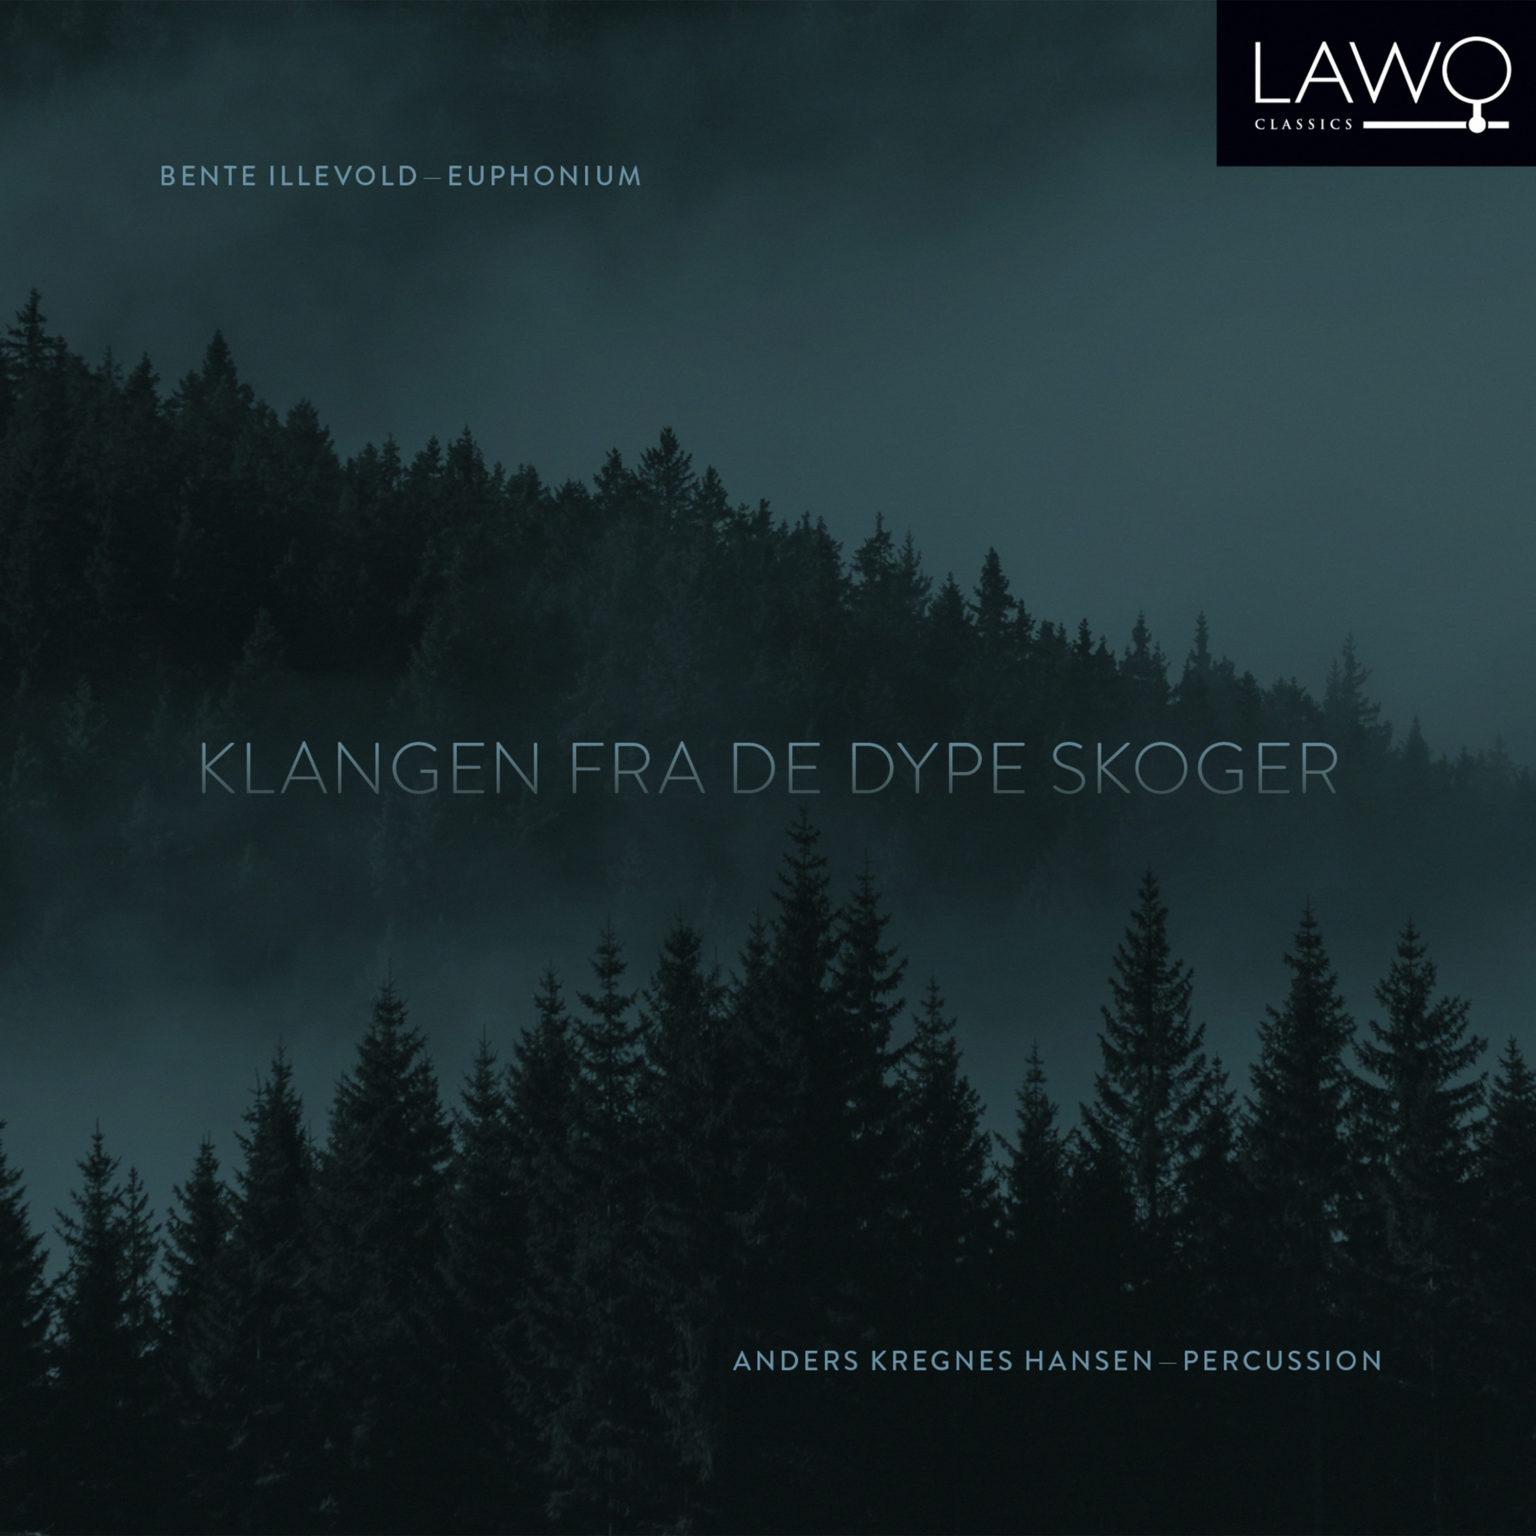 Click image for larger version.  Name:LWC1195_Bente_Illevold_Klangen_fra_de_dype_skoger_cover_3000x3000px-1536x1536.jpg Views:3135 Size:174.8 KB ID:7720